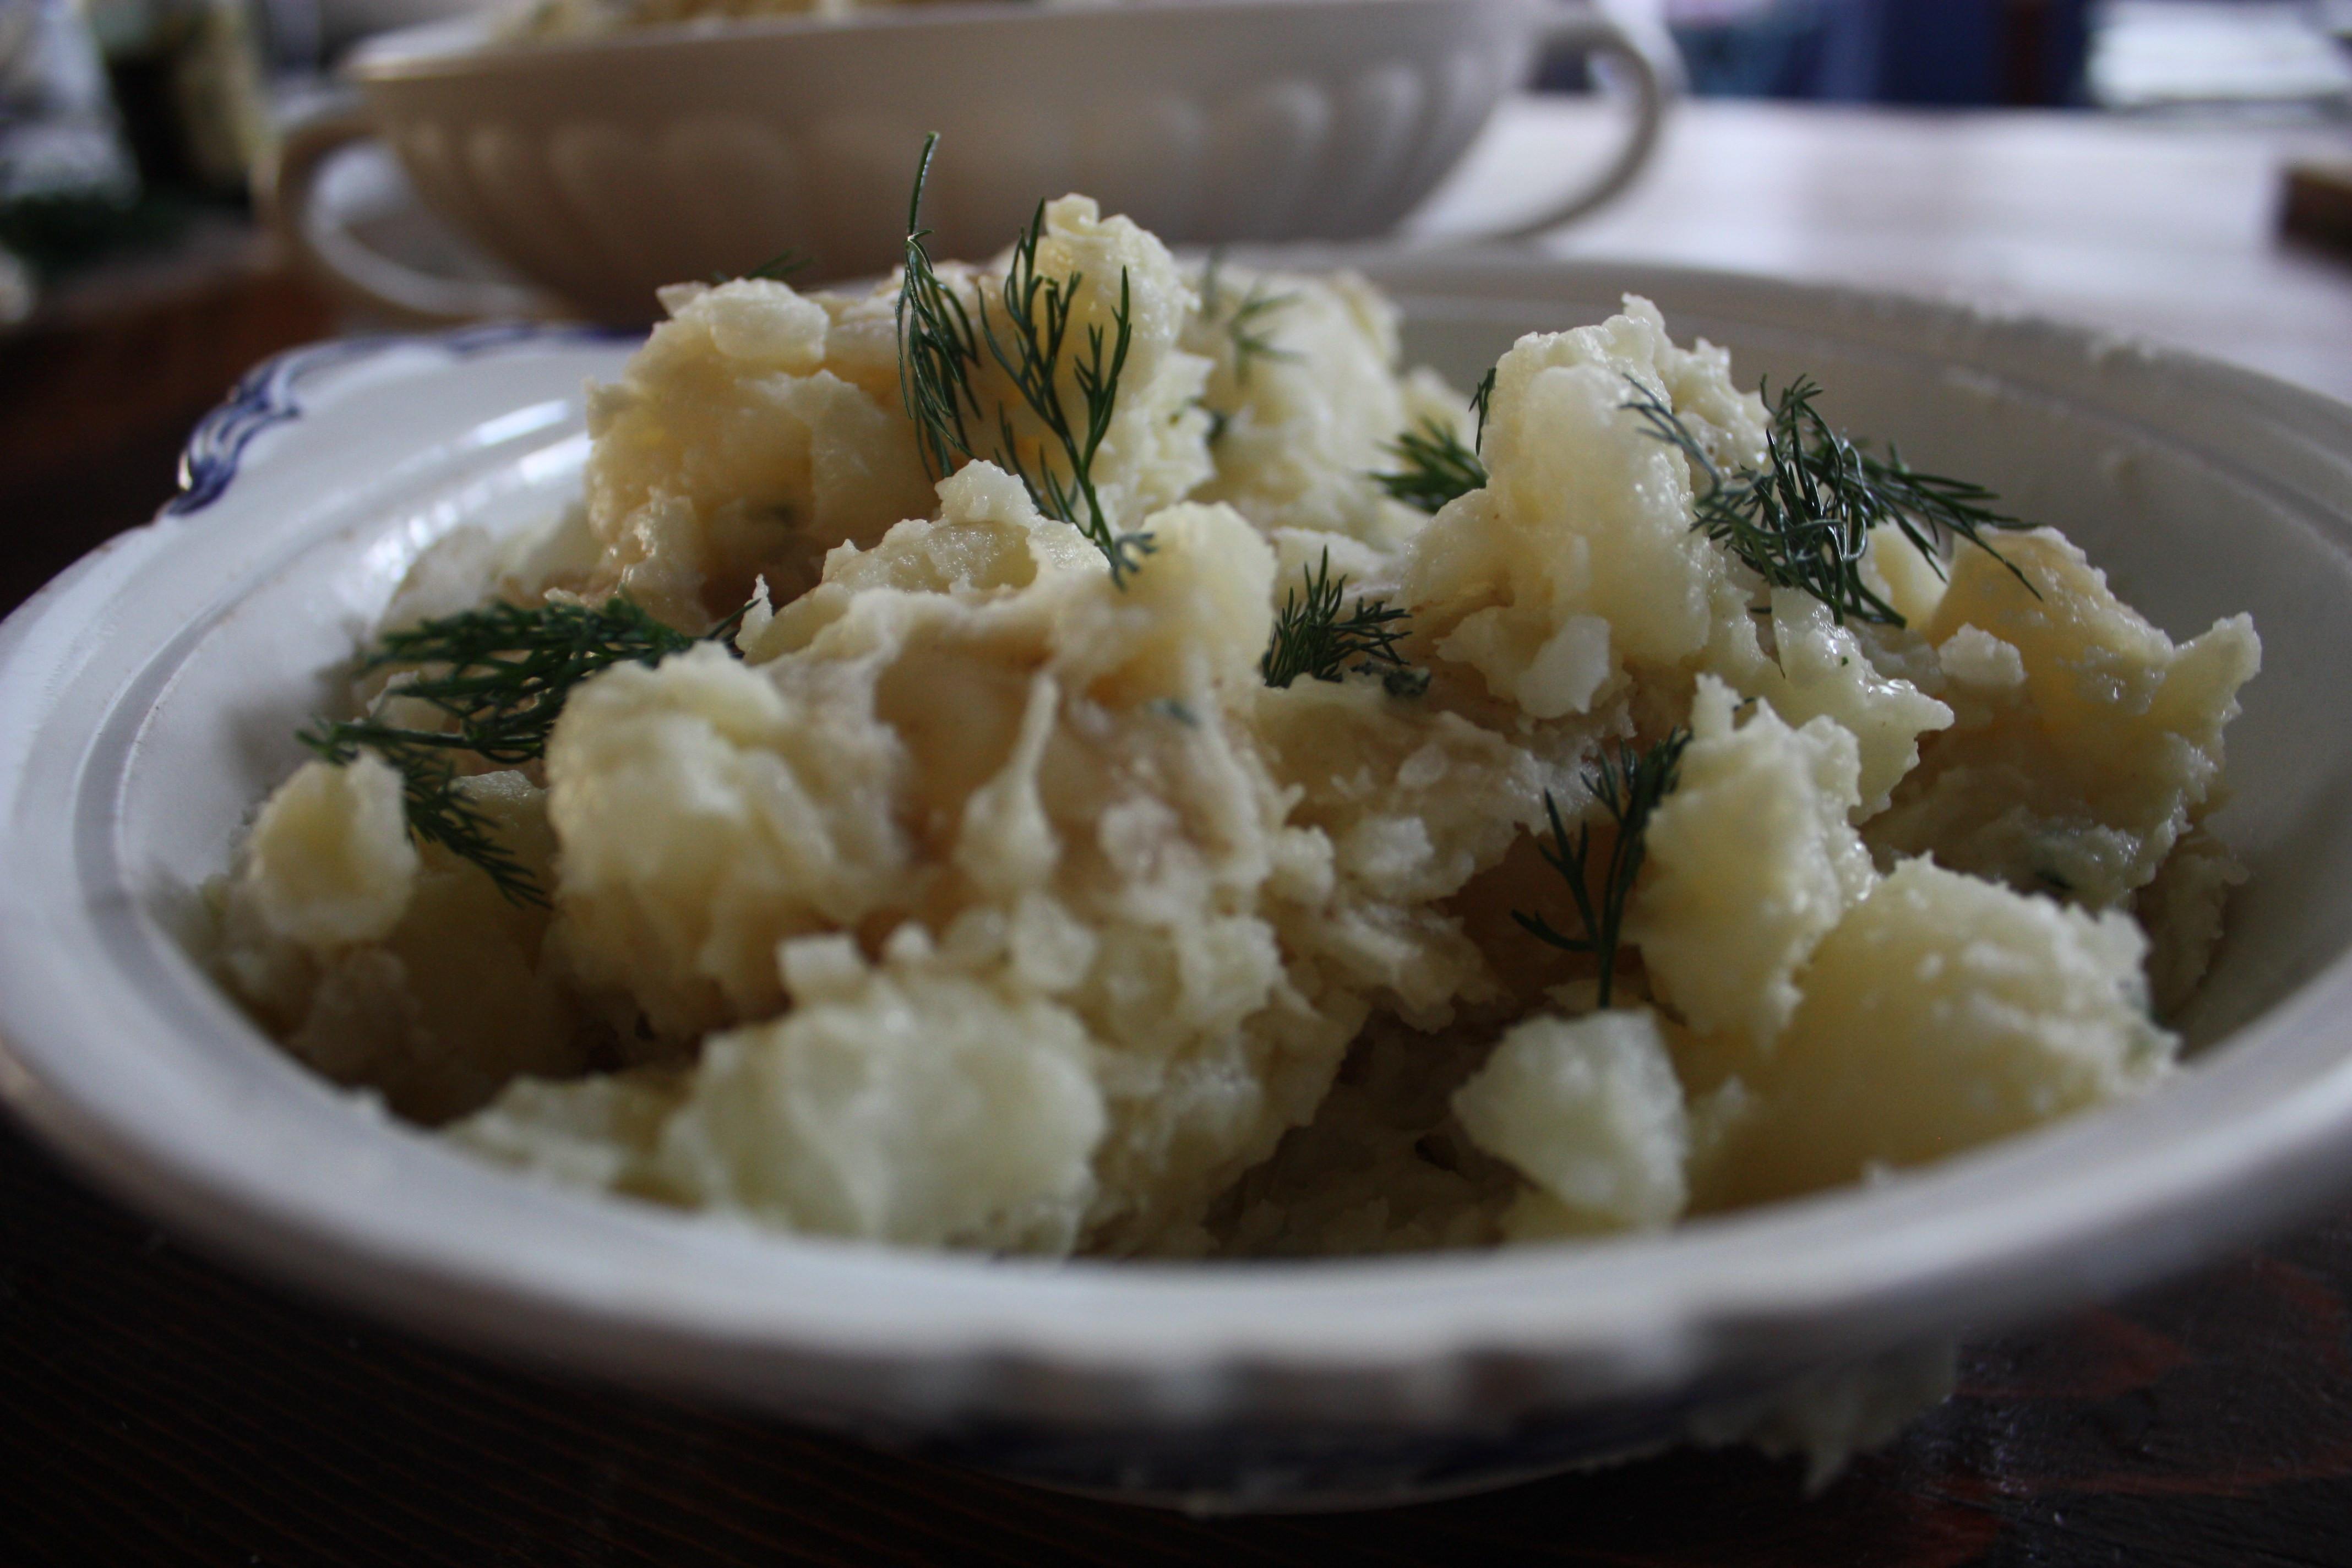 Garlic Bread With Garlic Powder  roasted garlic hummus garlic powder garlic bread garlic